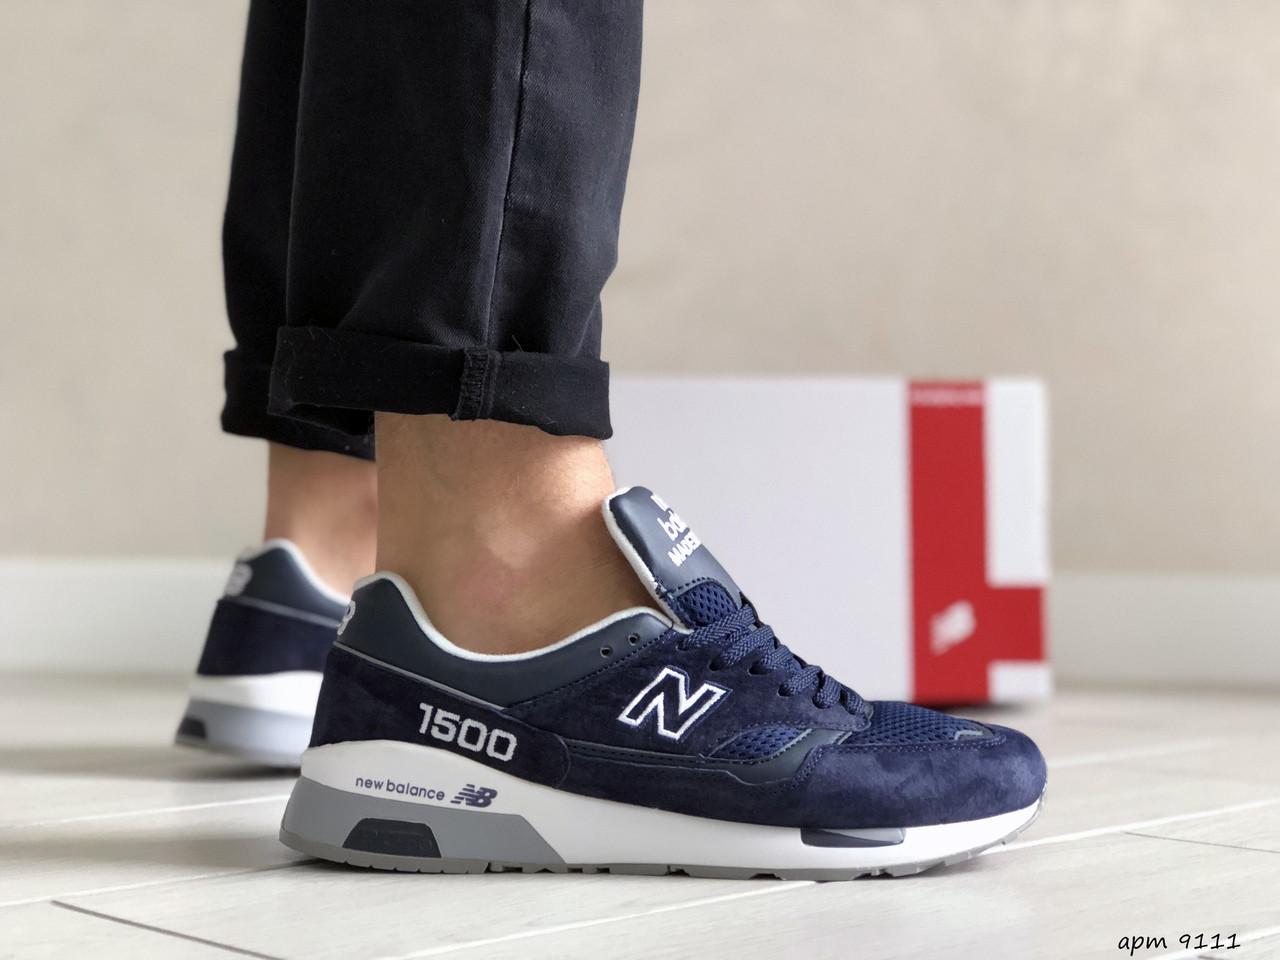 Чоловічі кросівки New Balance 1500 ВЕЛИКОБРИТАНІЯ (синьо-білі) 9111